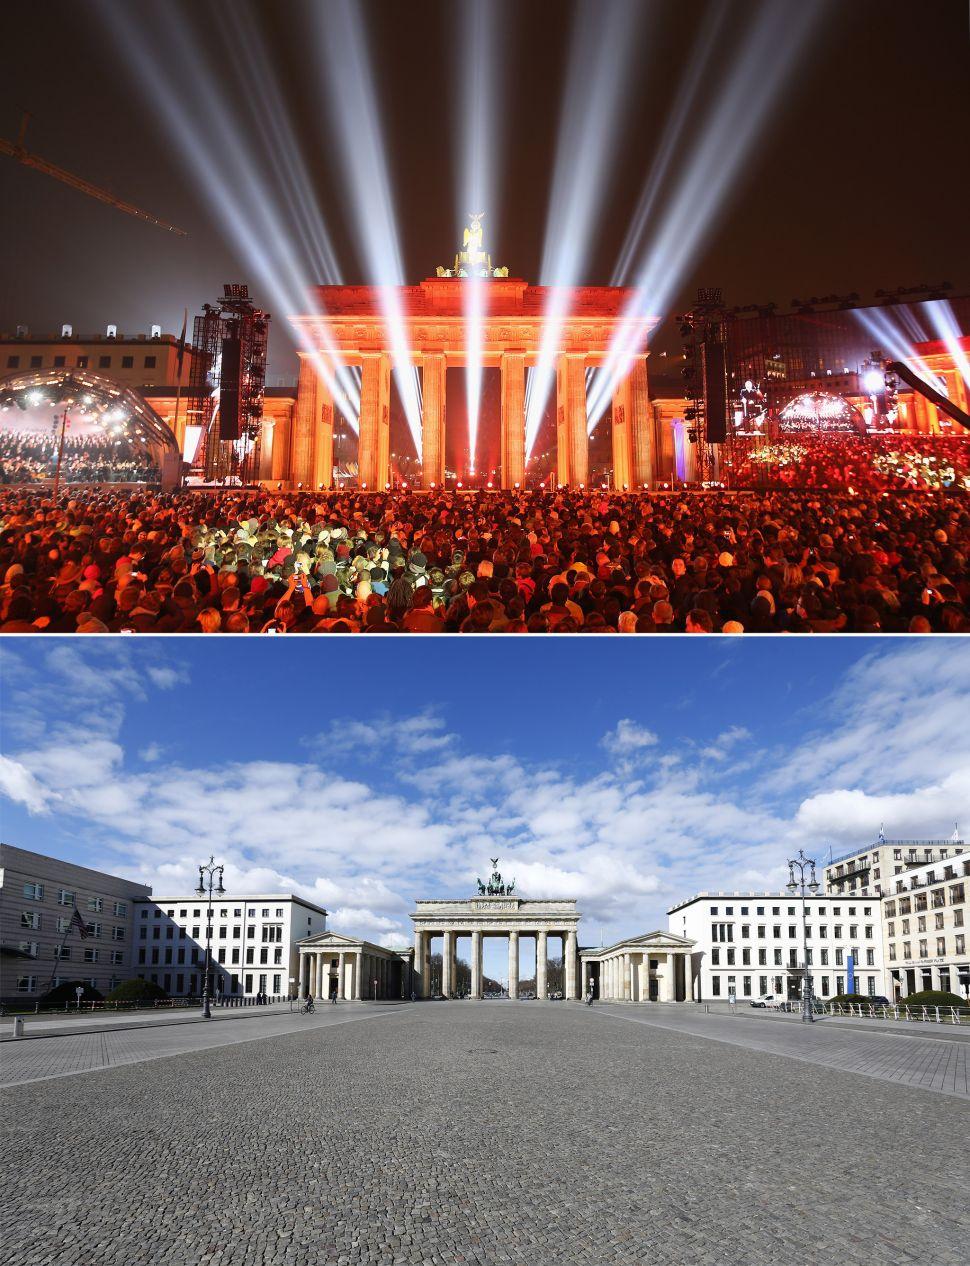 Brandenburg Gate before and after coronavirus